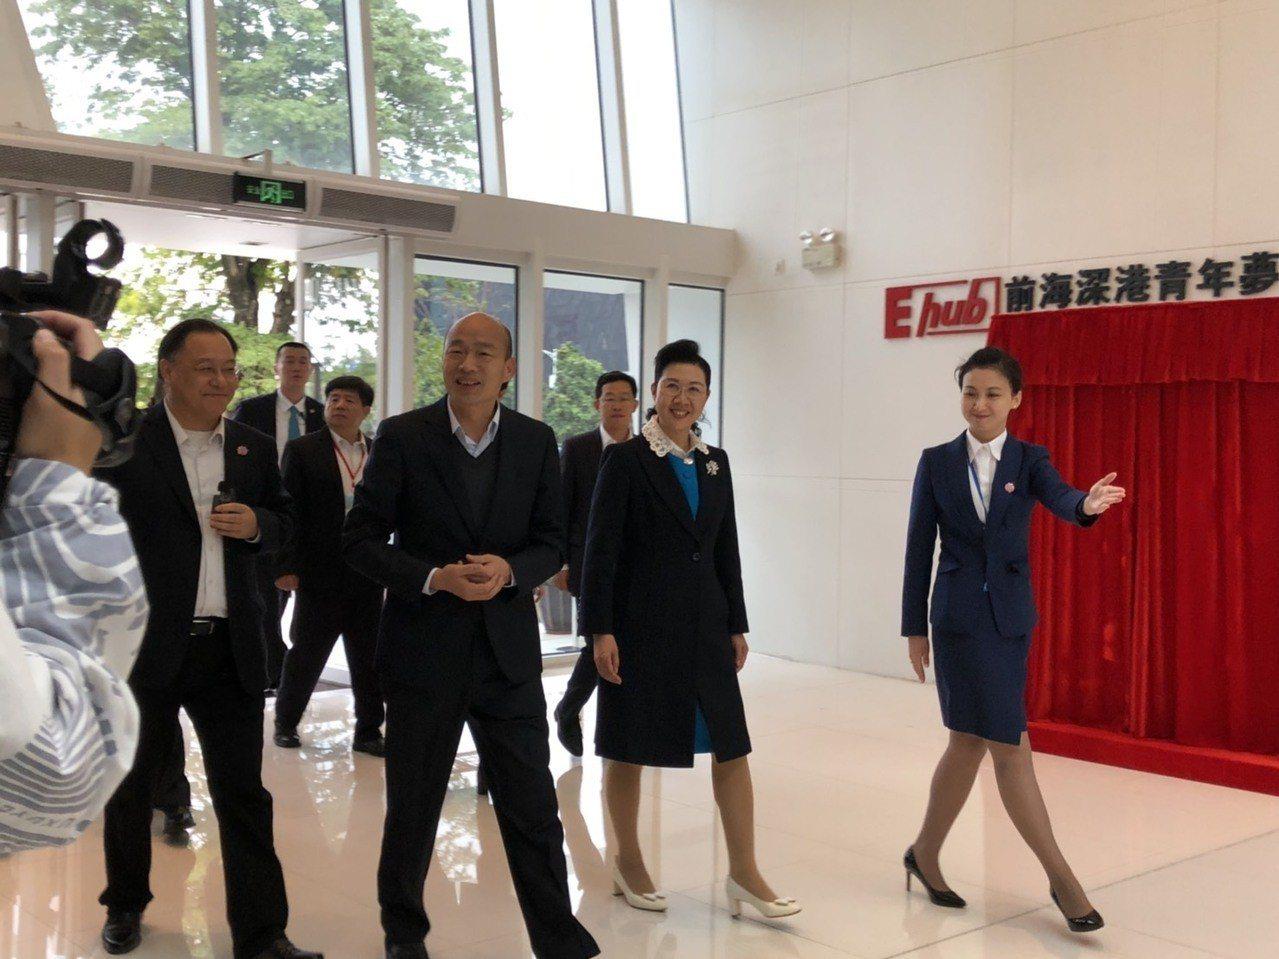 高雄市長韓國瑜與團隊到前海台灣青年創新創業基地參觀,受到熱烈歡迎。記者蔡家蓁/攝...